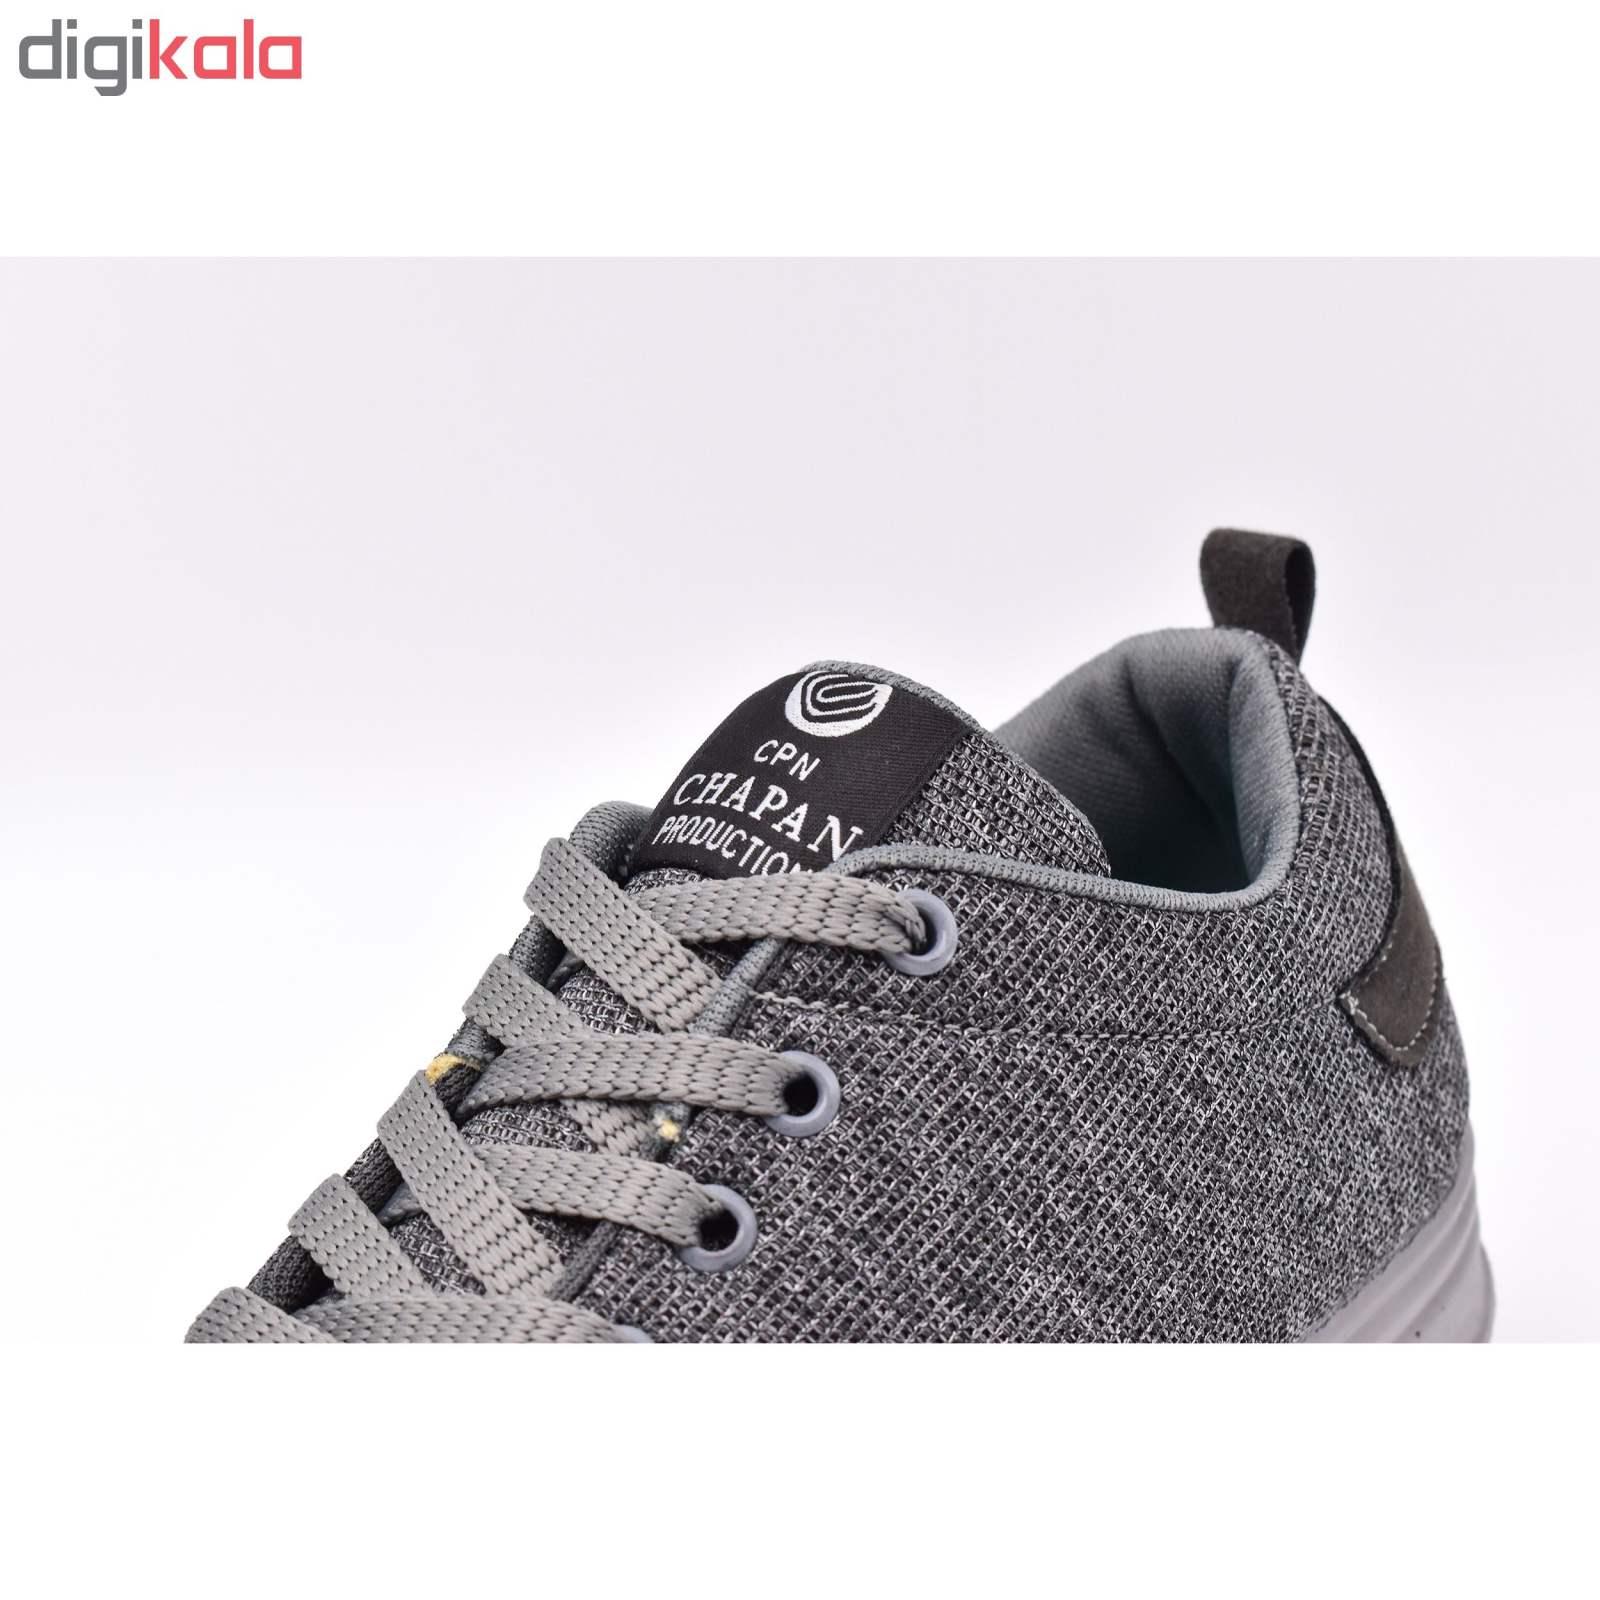 کفش مخصوص پیاده روی زنانه سی پی ان طرح چپان کد 5679 main 1 5